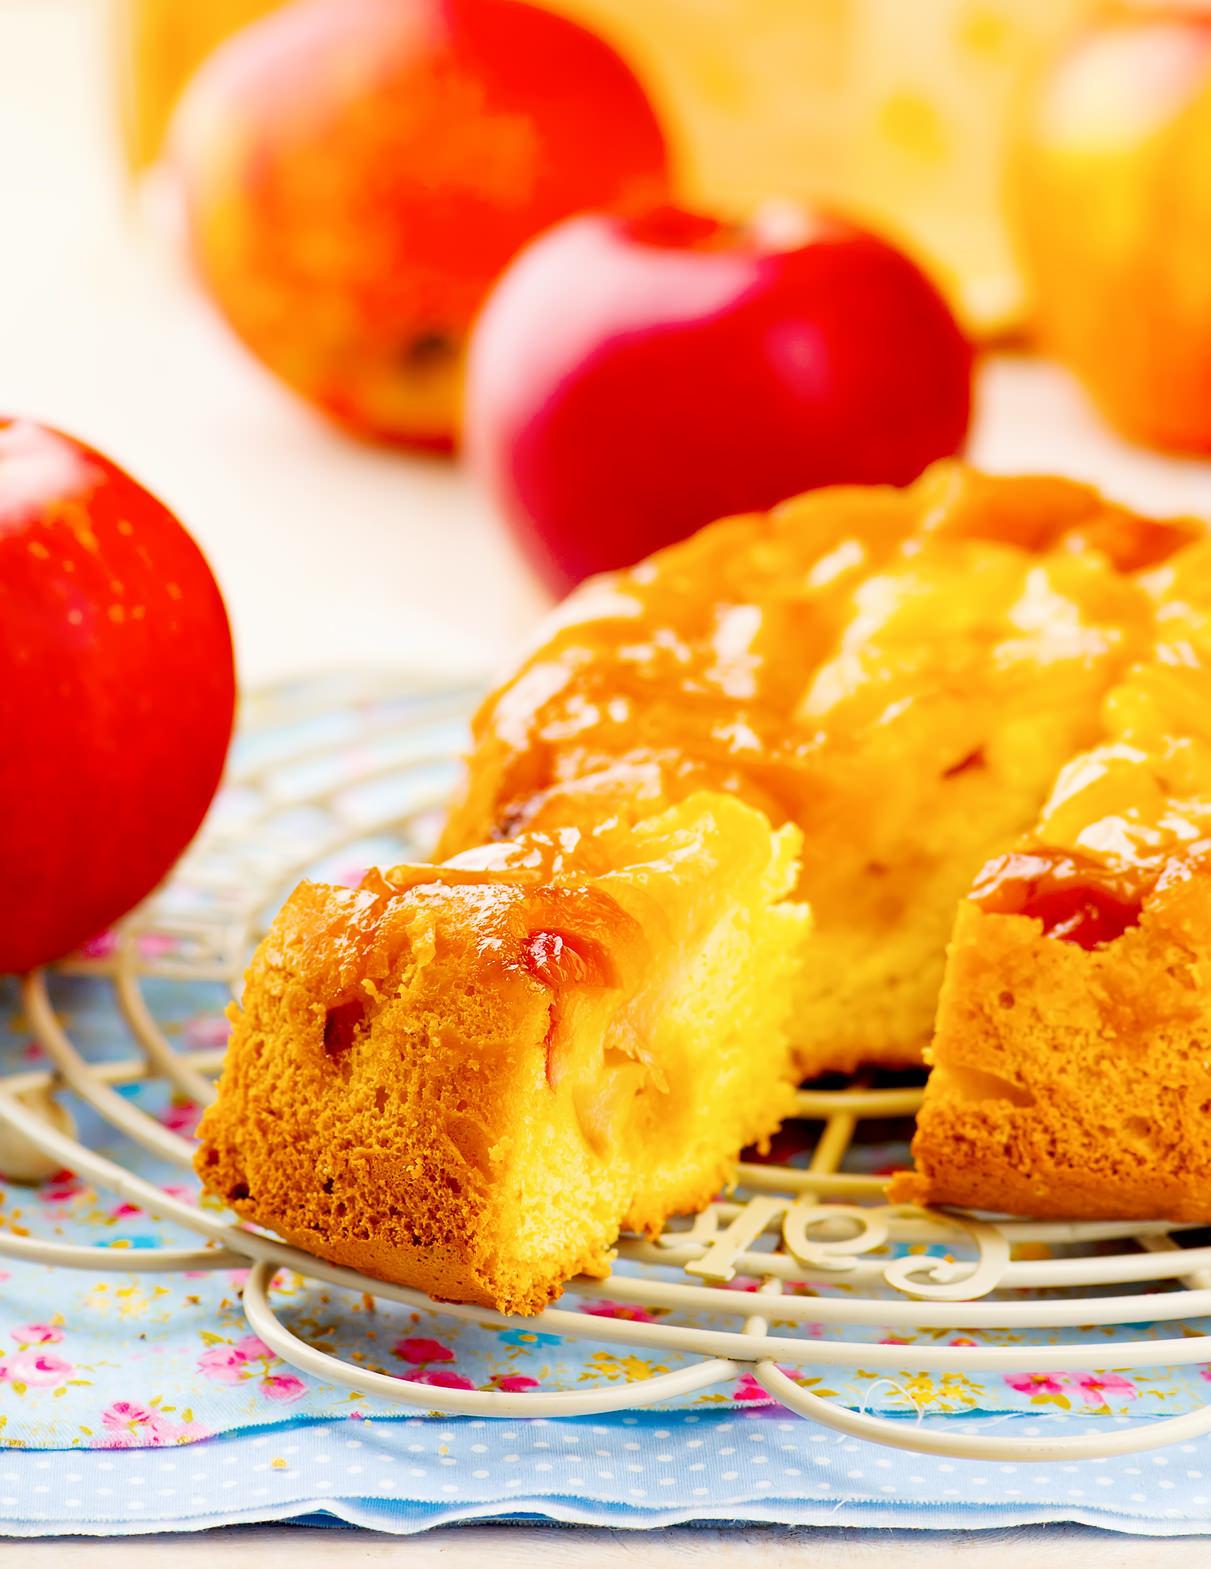 g teau renvers aux pommes un d licieux dessert conomique et familial les recettes de cuisine. Black Bedroom Furniture Sets. Home Design Ideas